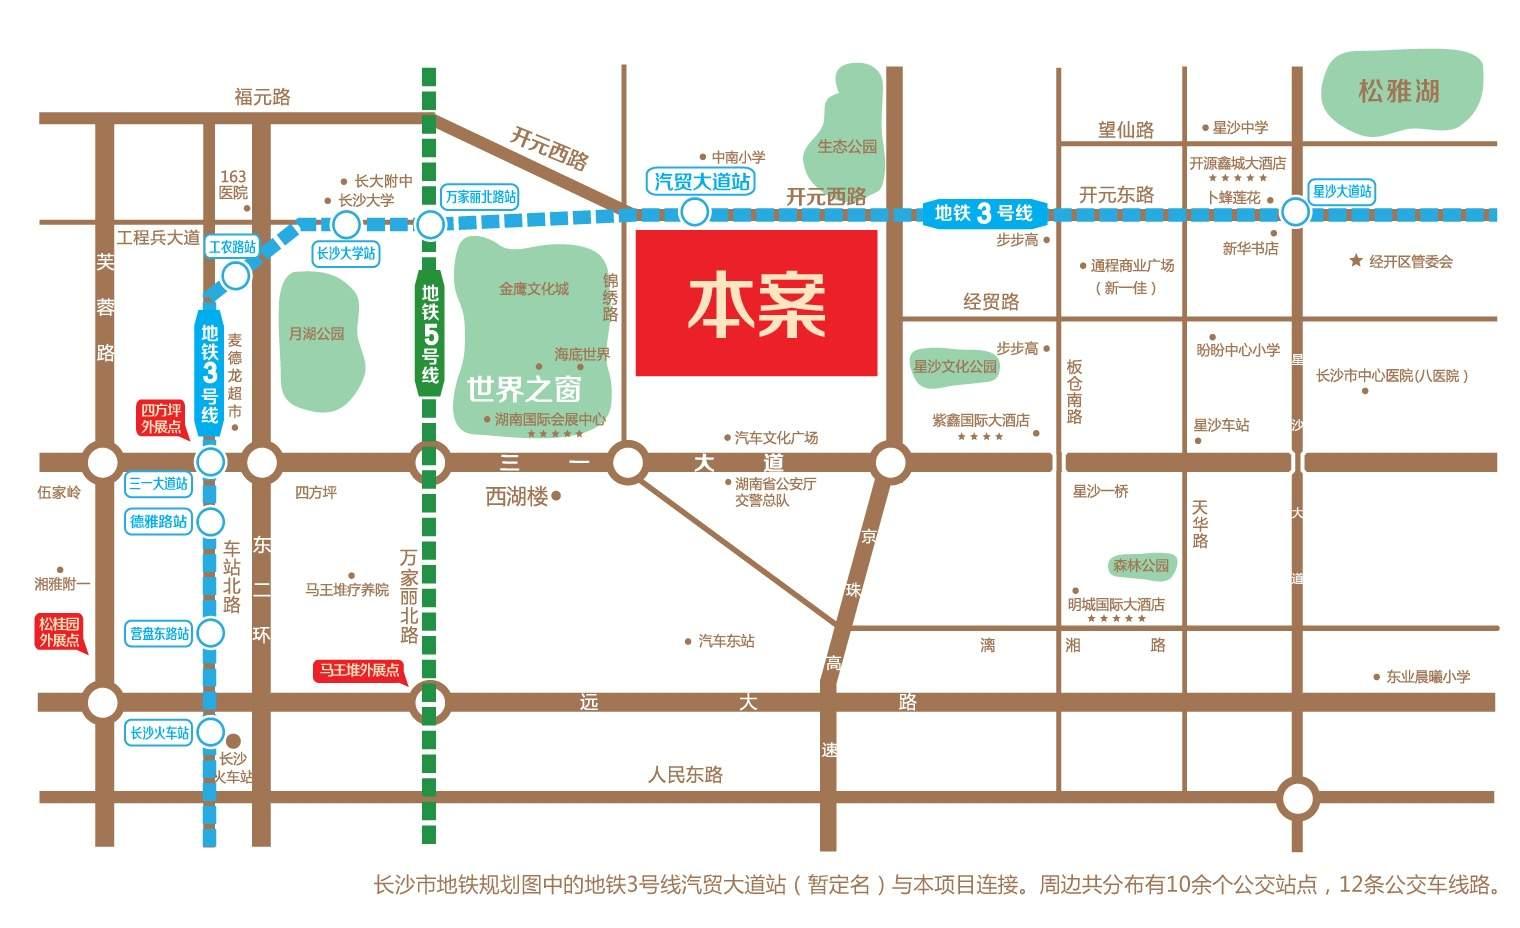 恒广国际景园位置图